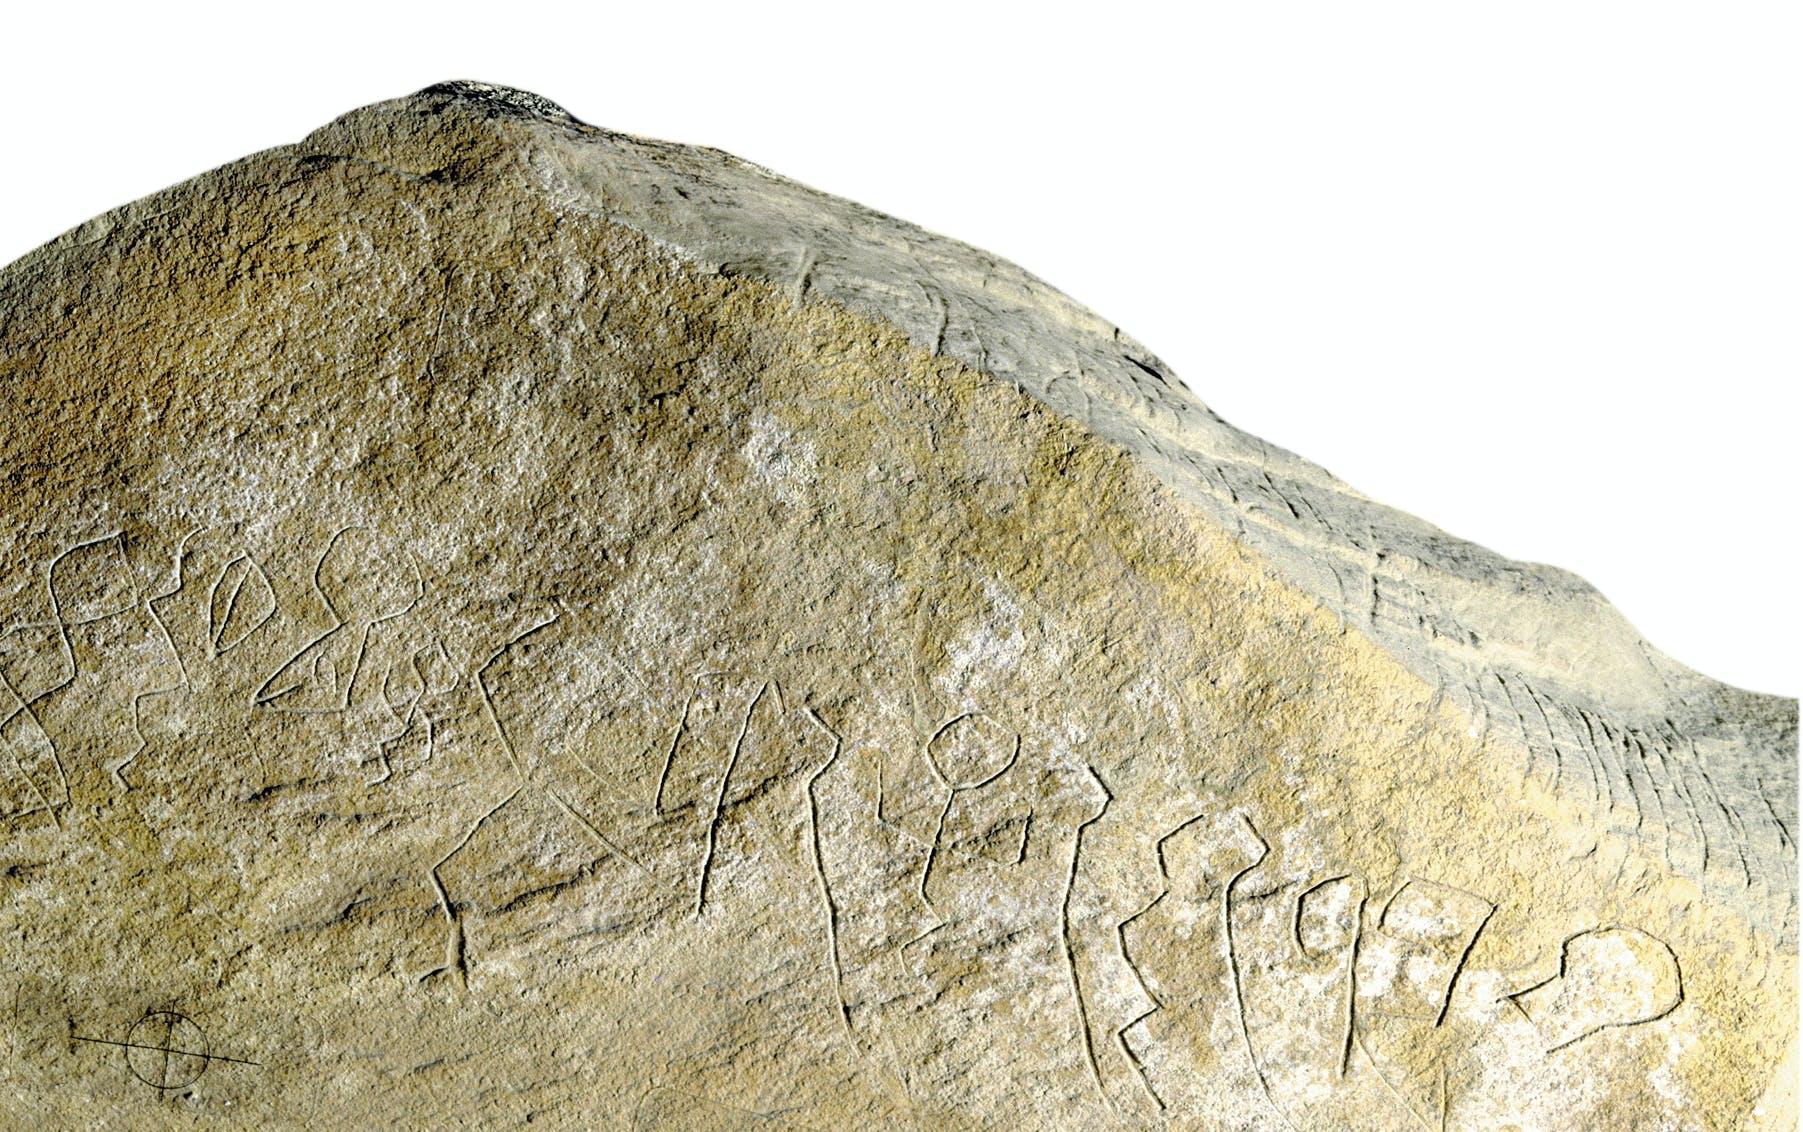 Egyptiske skrifttegn på kalksten - forløbere for alfabetet